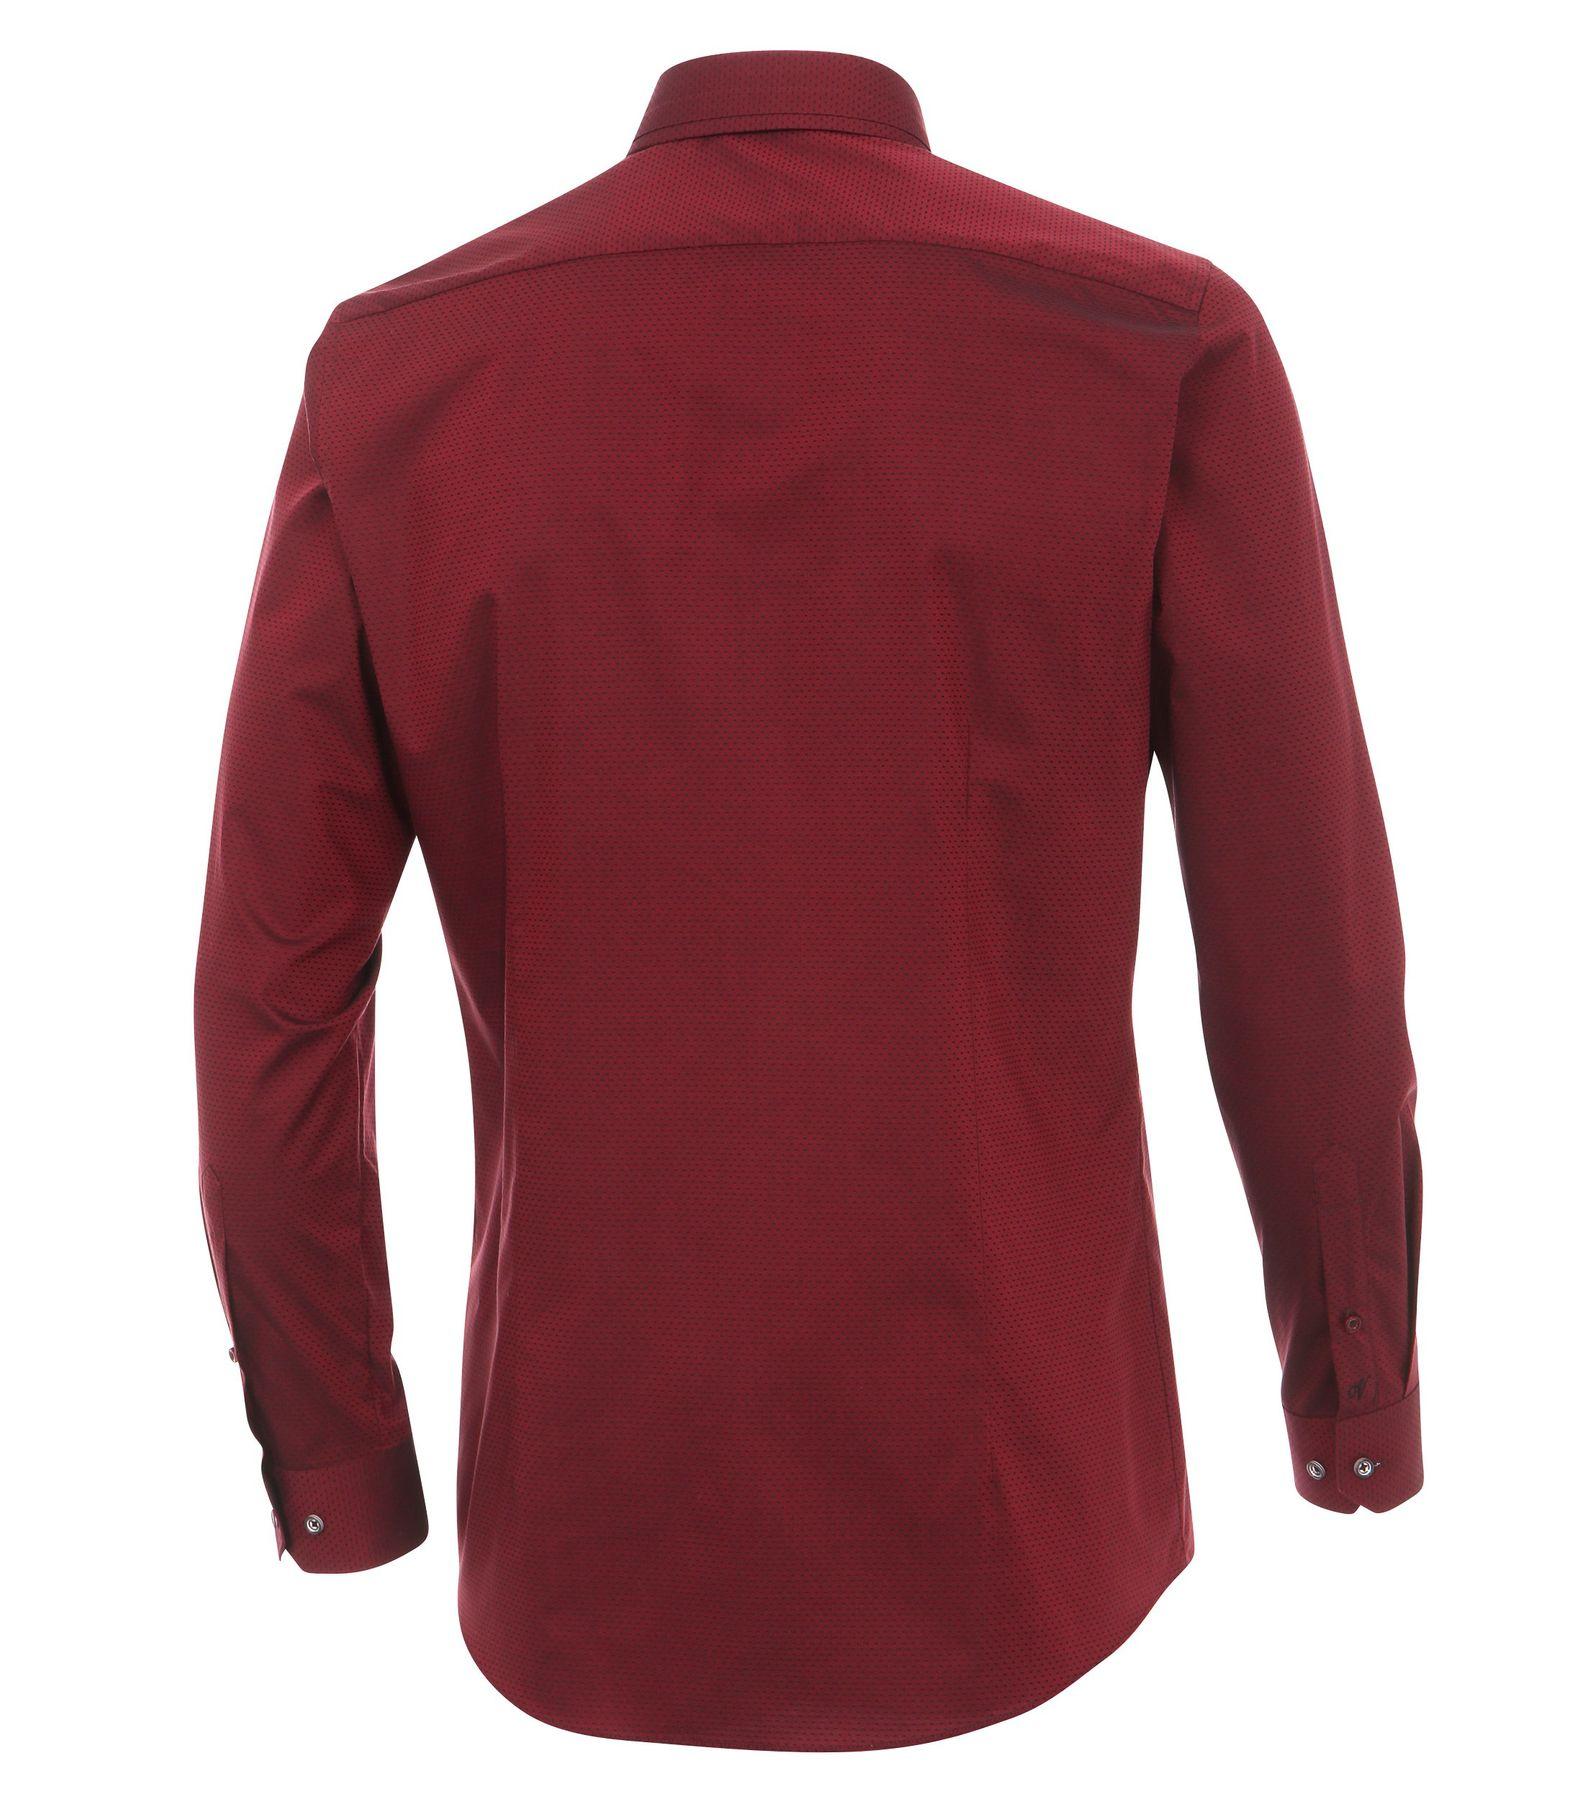 Venti - Body Fit - Herren Langarm Hemd aus 100% Baumwolle mit Button-Down Kragen (162546600 A) – Bild 2